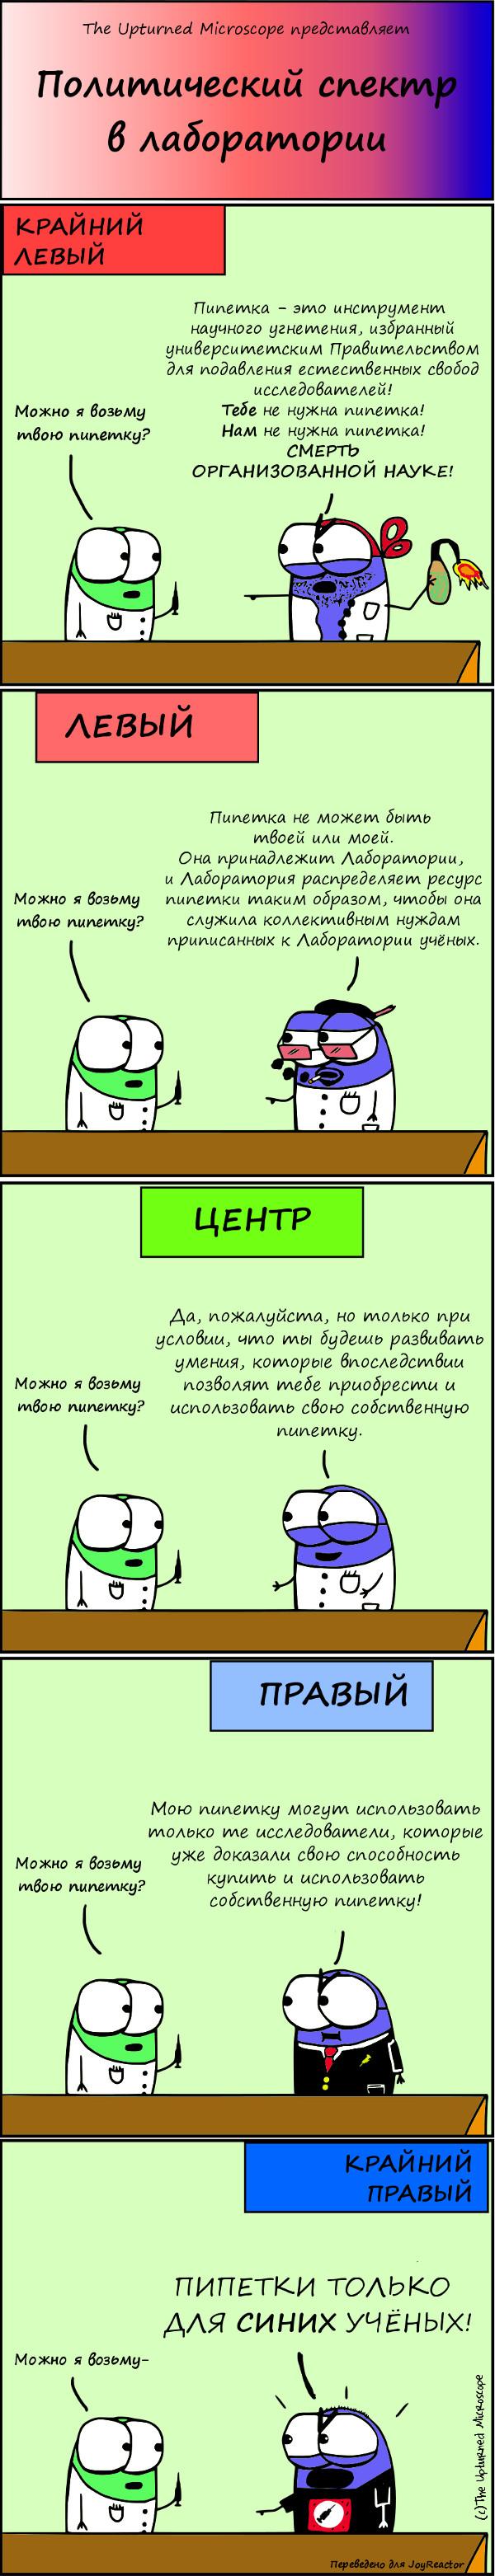 Комиксы-наука-политика-политический-спектр-905377